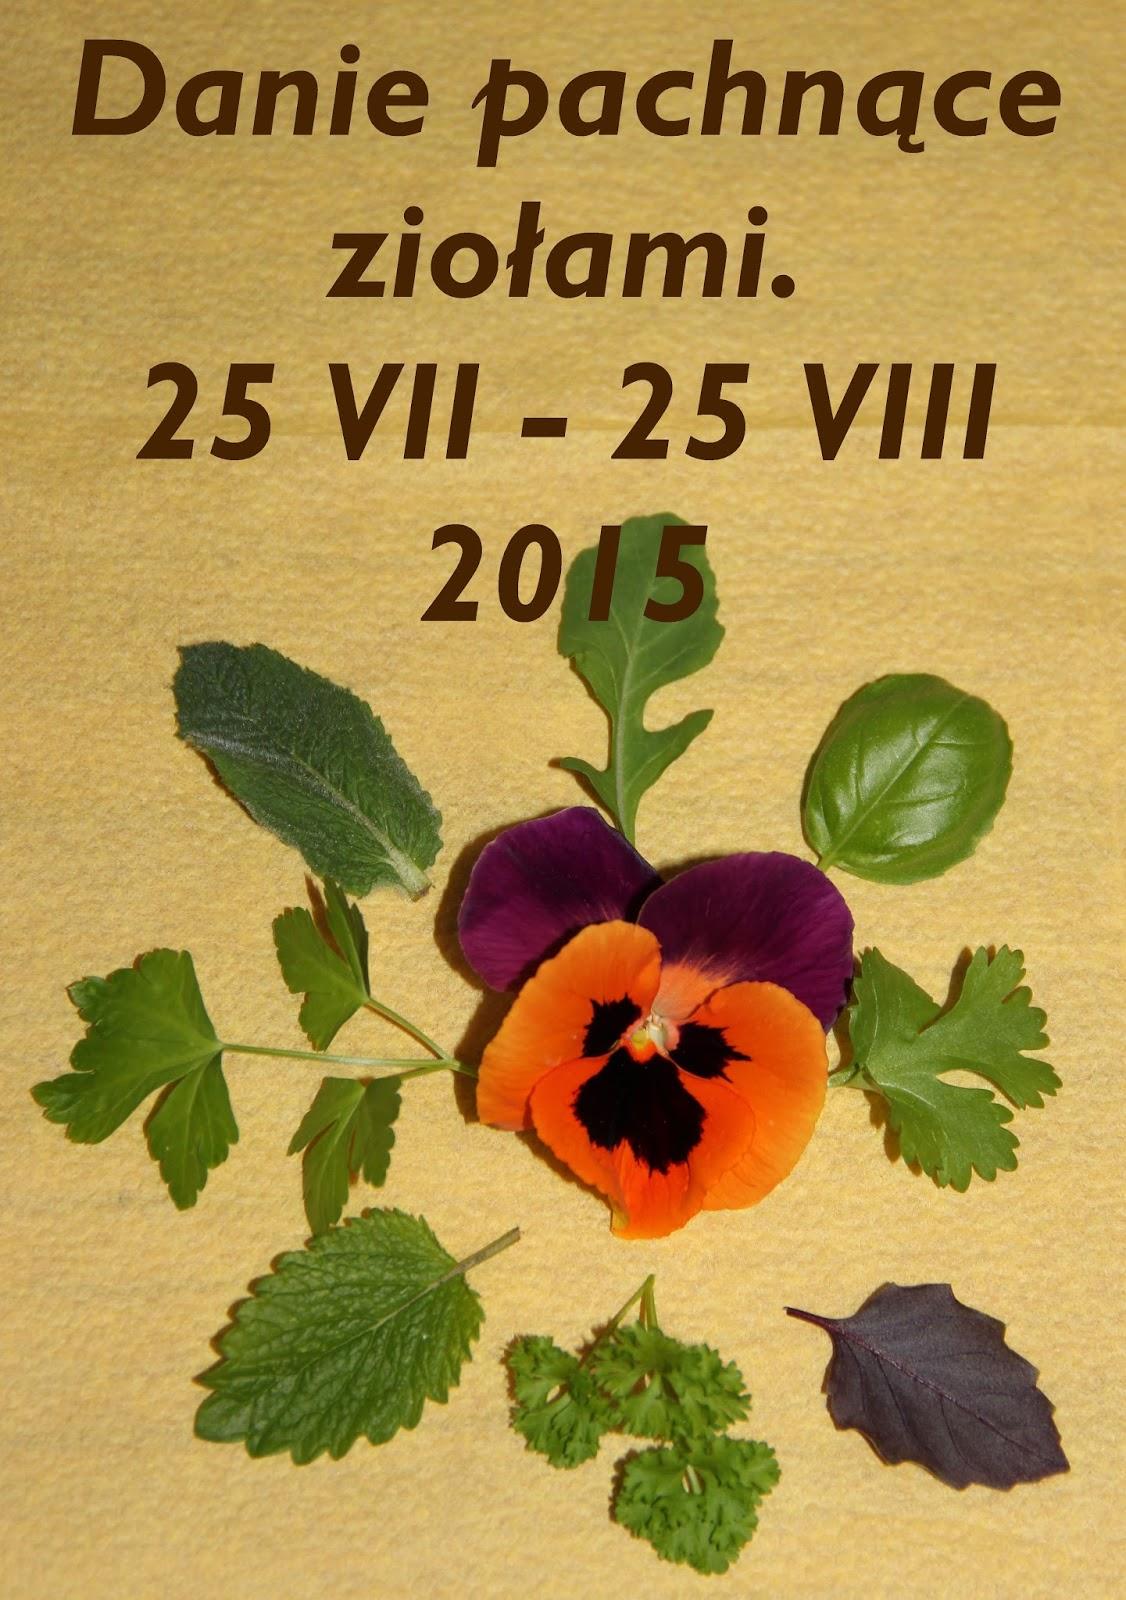 http://weekendywdomuiogrodzie.blogspot.com/2015/07/akcja-danie-pachnace-zioami-lato-2015.html